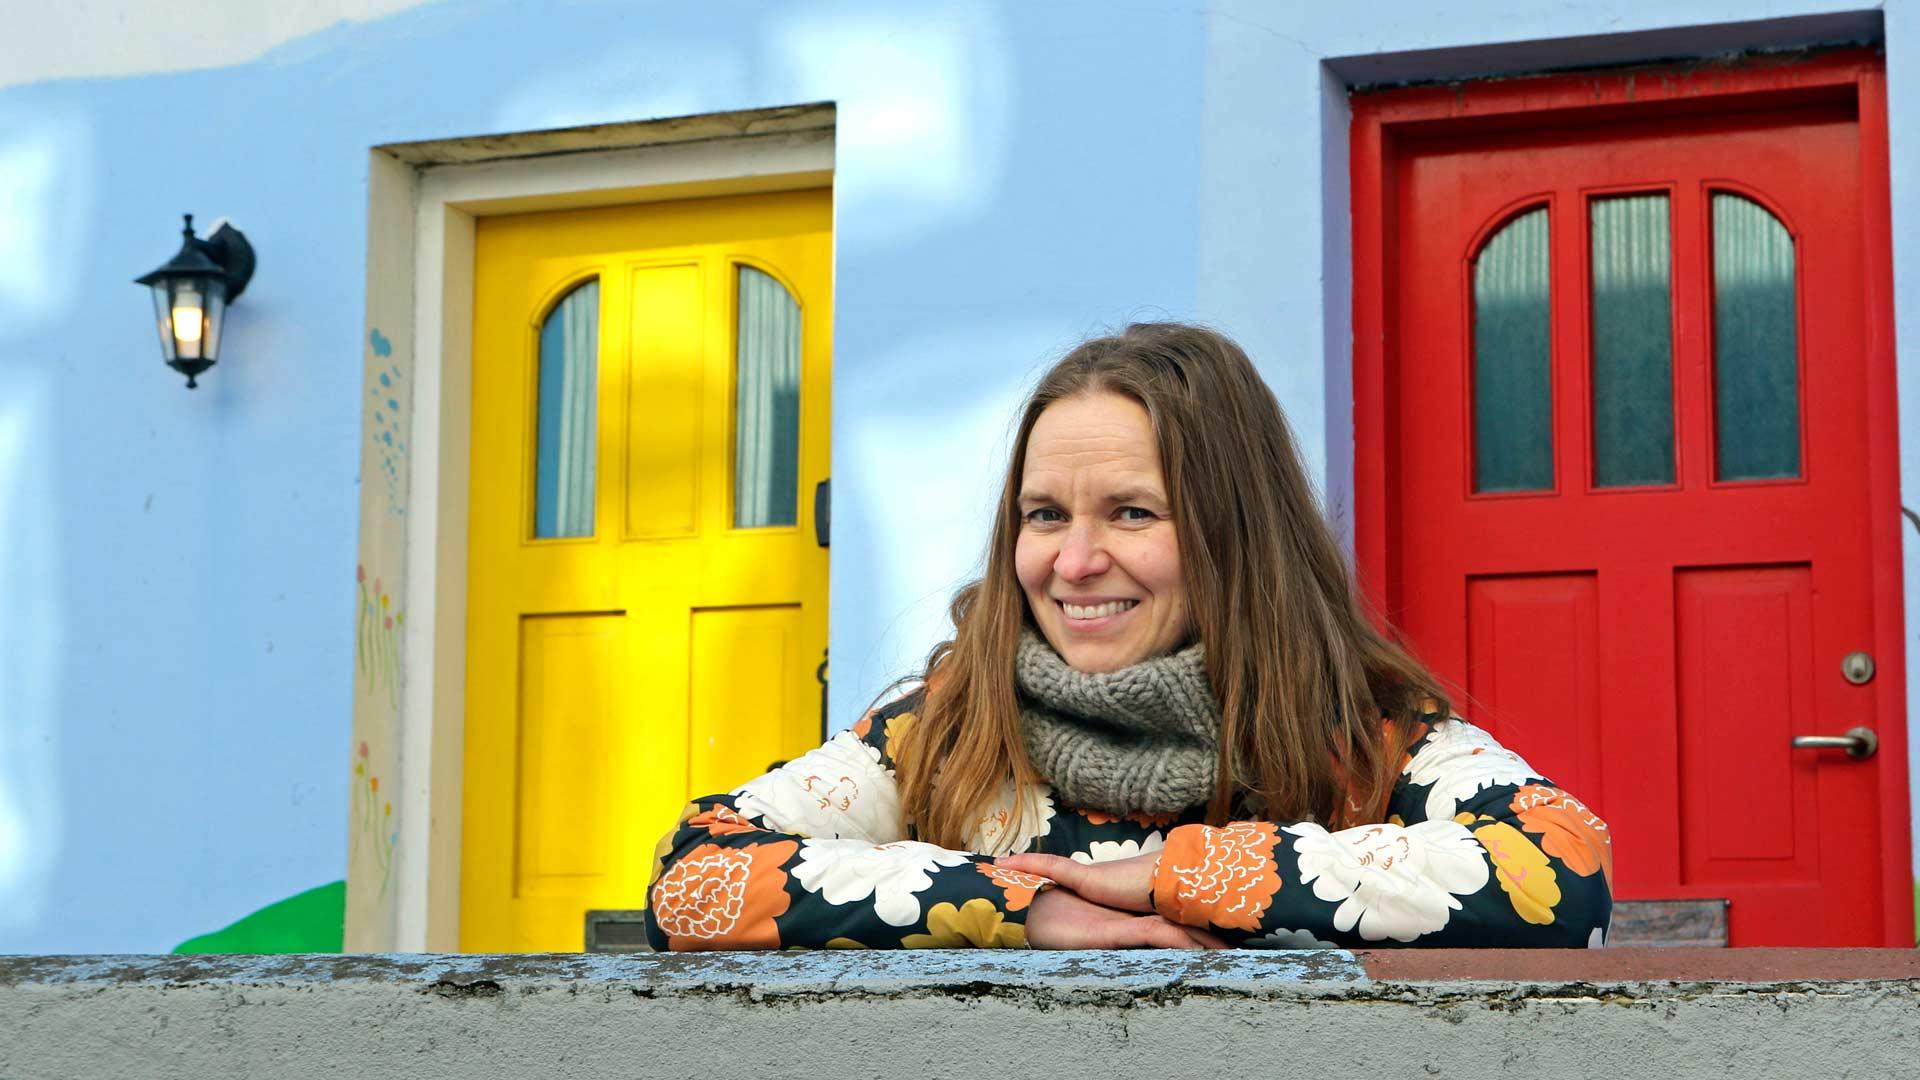 Satu Rämö on asunut Reykjavikissa kymmenisen vuotta.